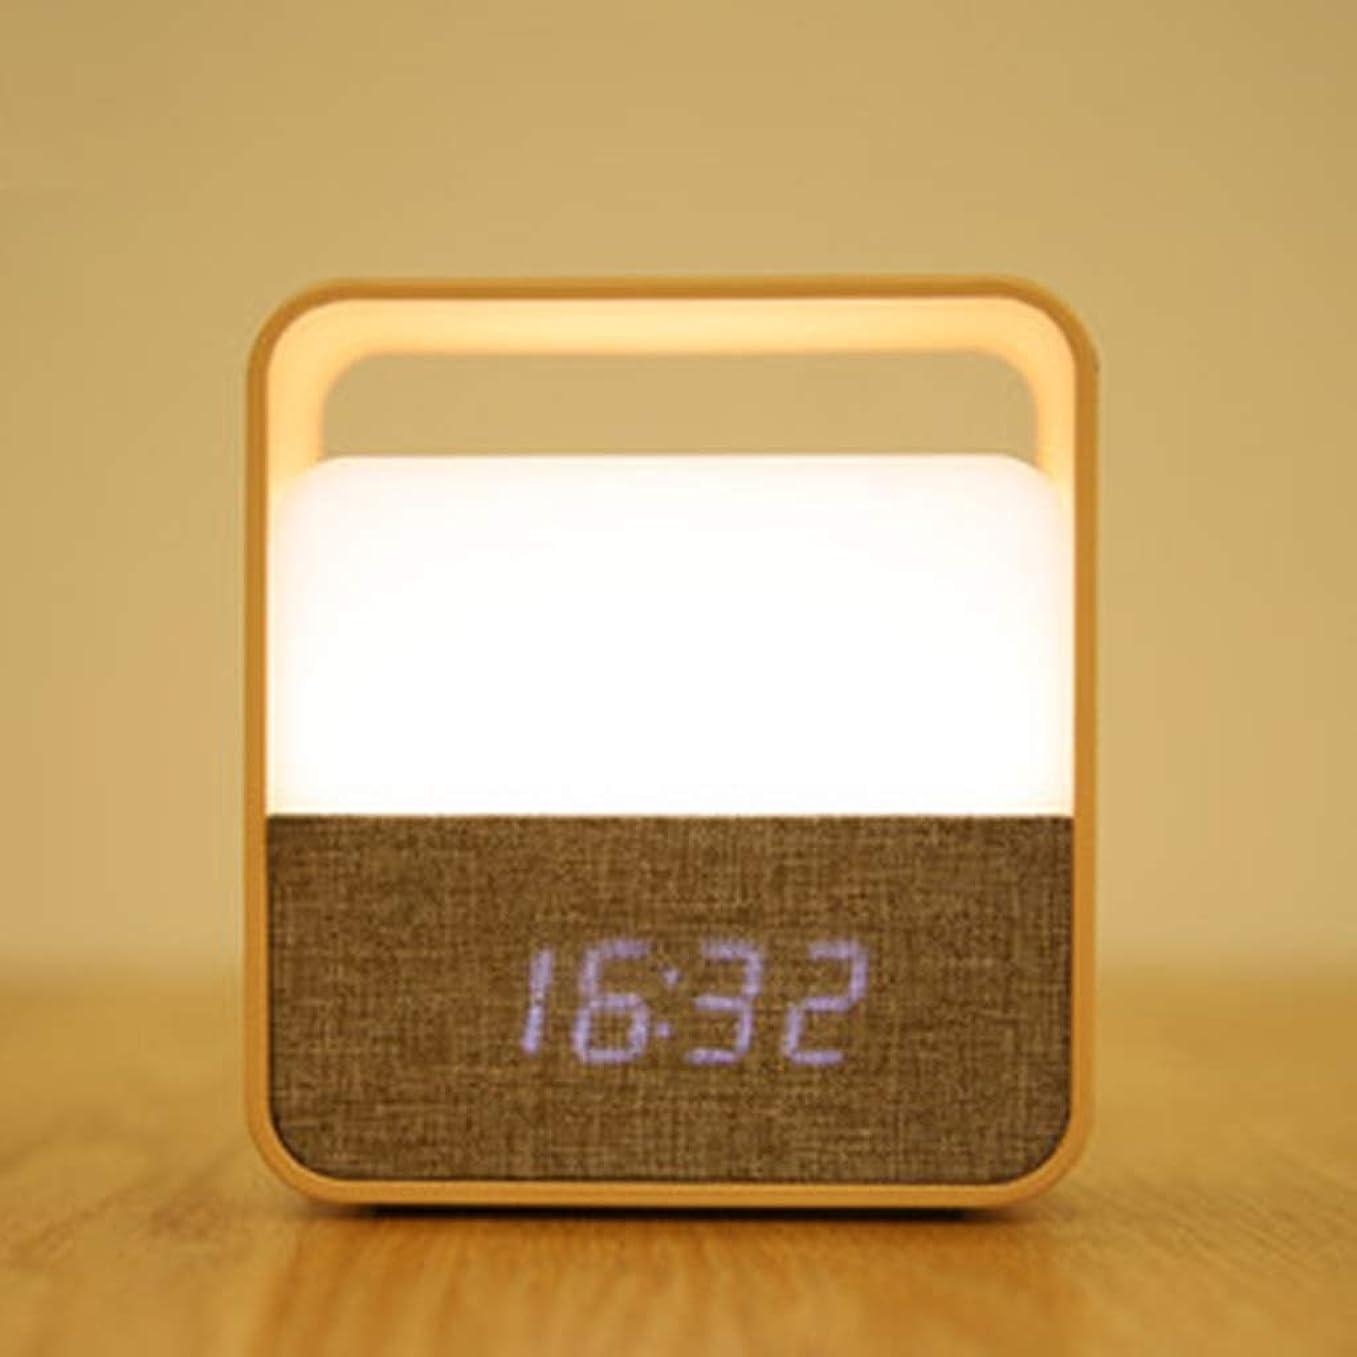 ブローホール荒涼とした第四ナイトライト 時計アラームライトポータブルチャイルドスリープライトベイビーフィードライトLEDナイトライトベッドルームベッドサイドテーブルランプ QDDSP